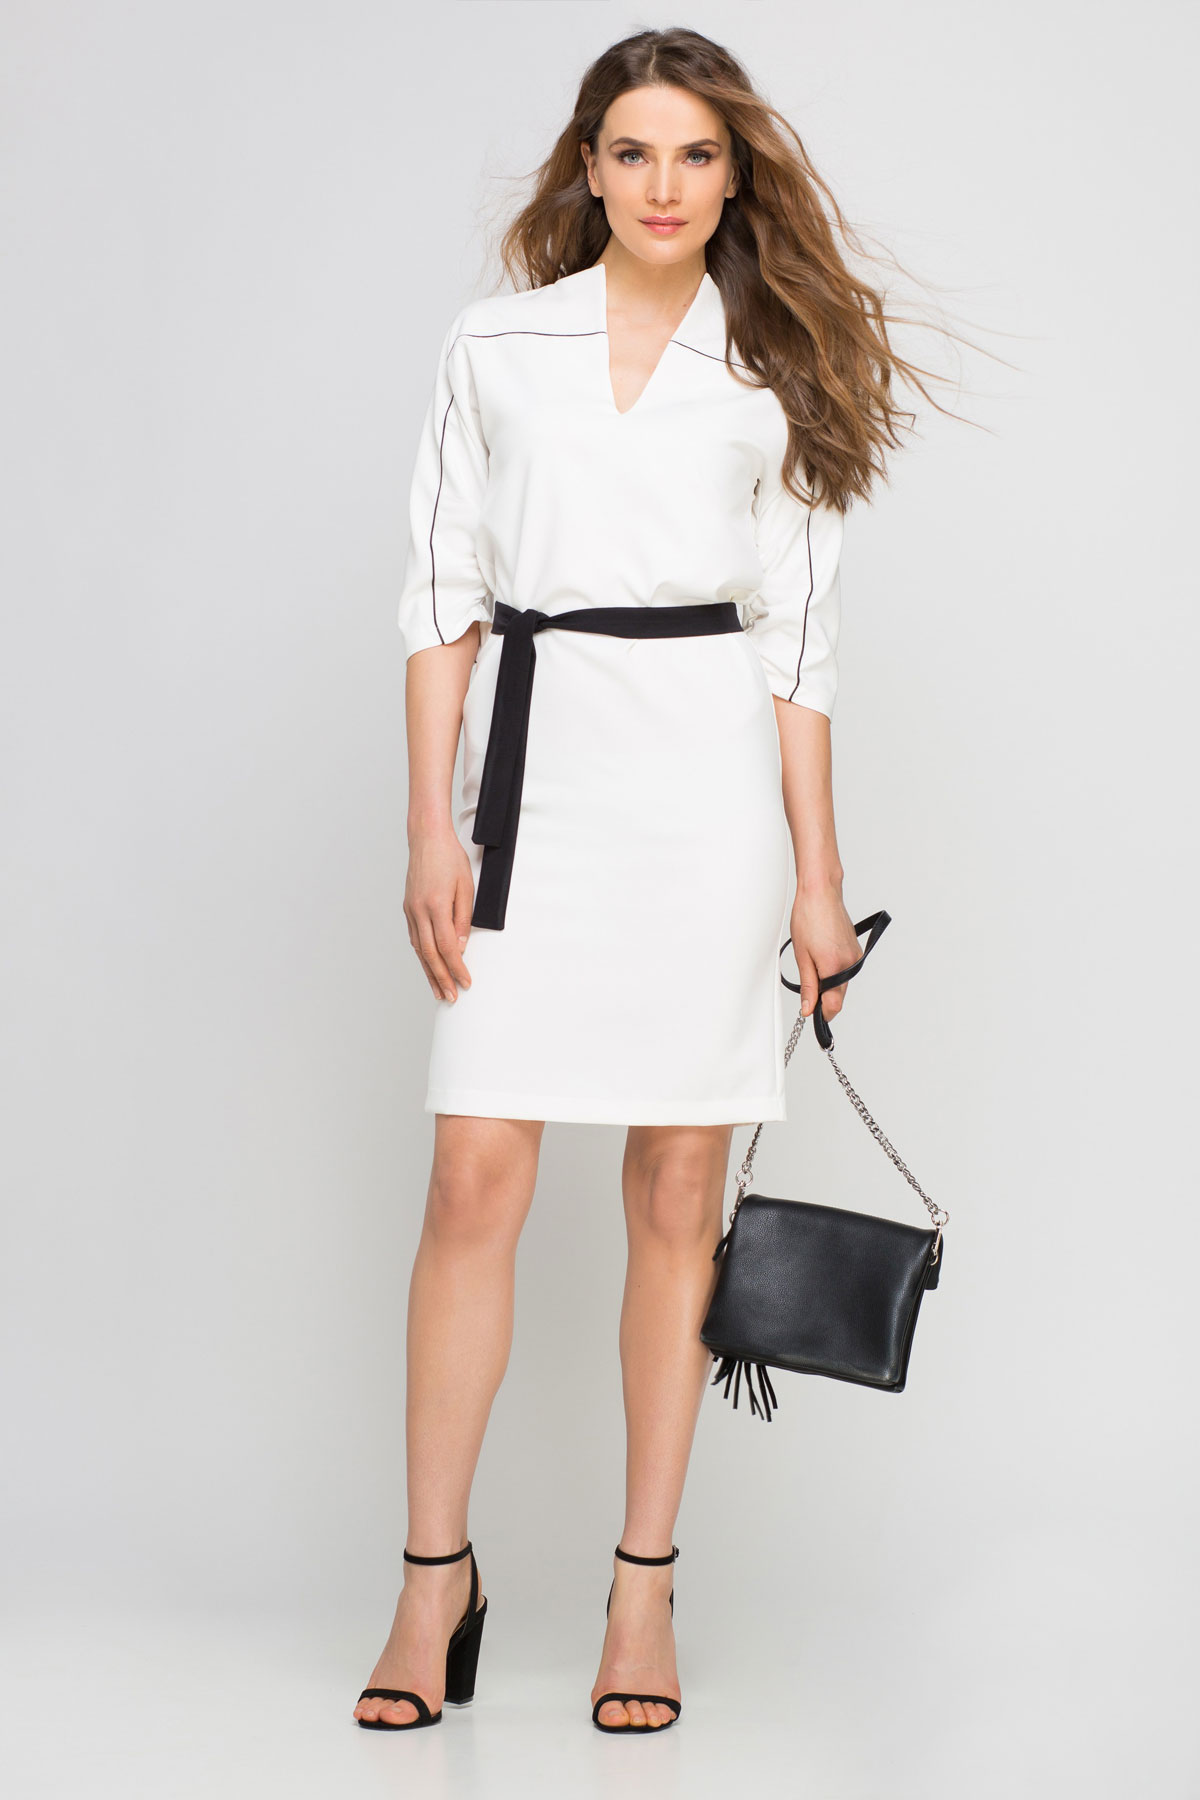 c2e5b2ba207 Quelles chaussures porter avec une robe blanche